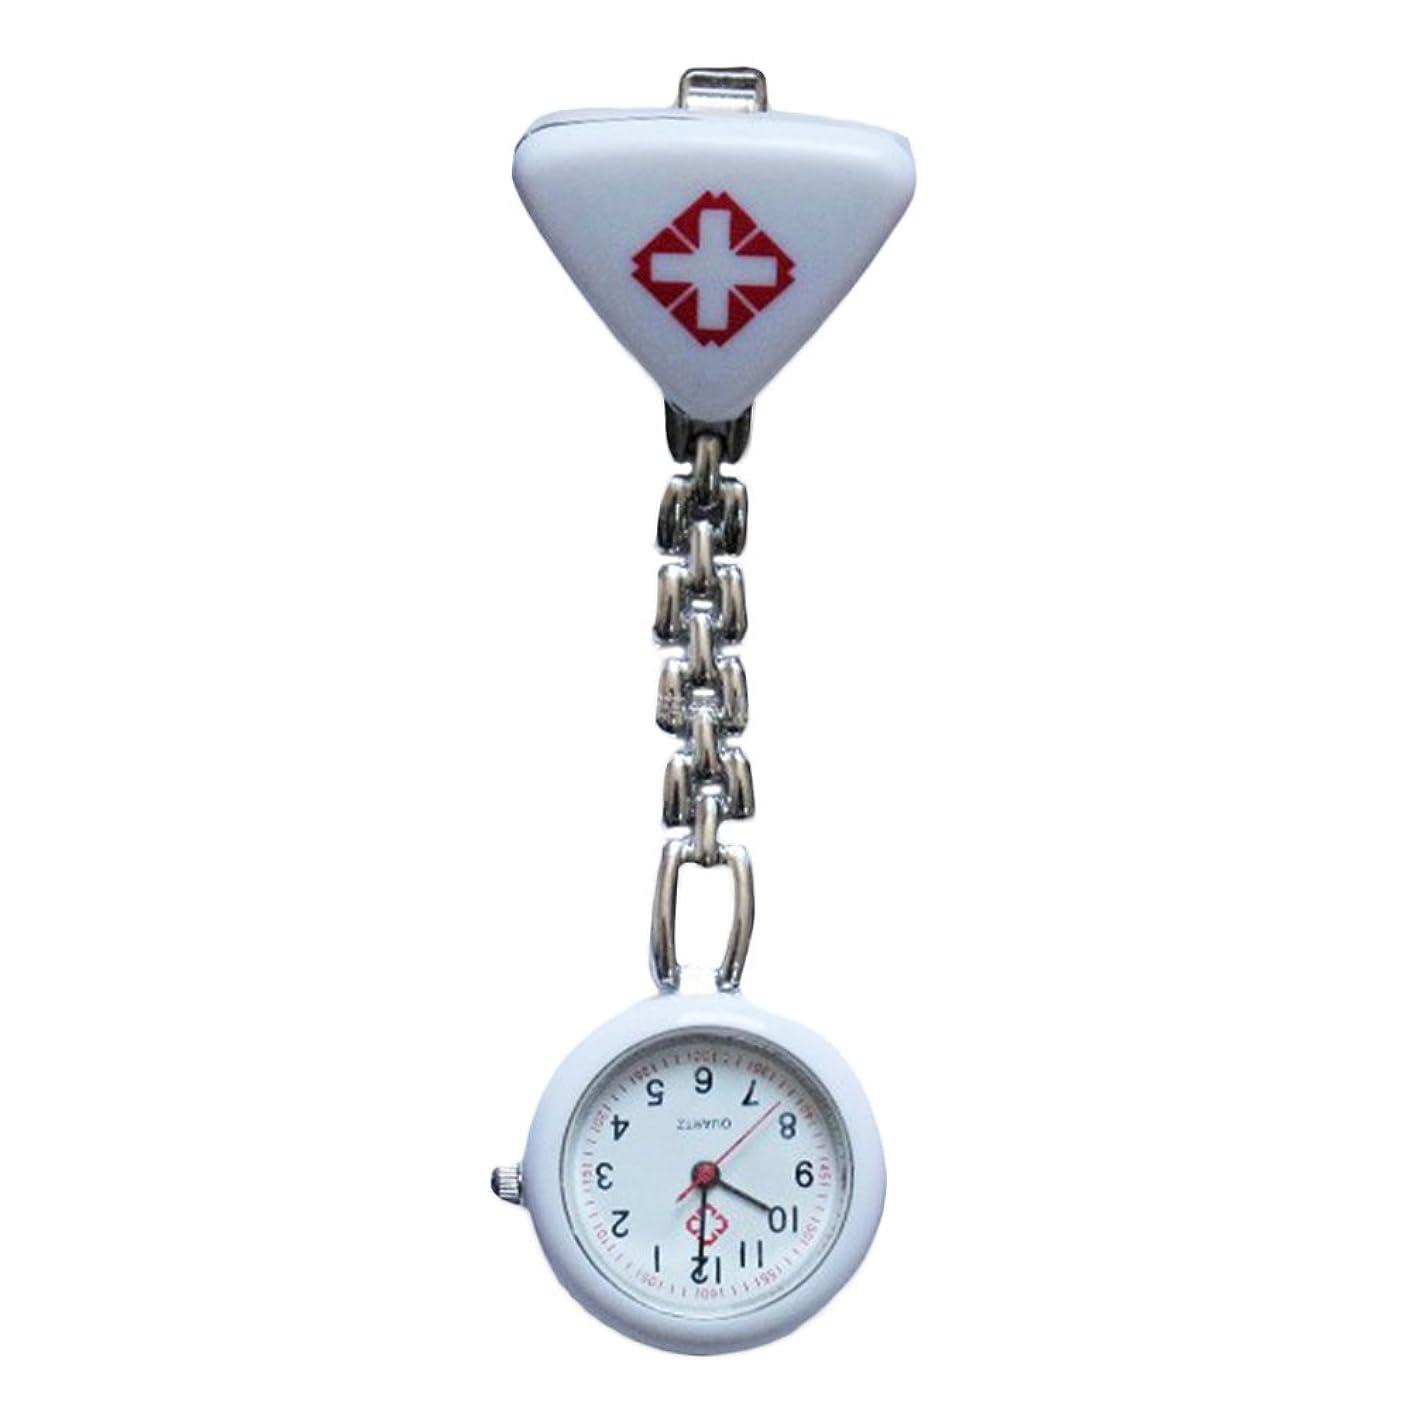 抱擁従順結核WangyueShop ナースウォッチ 看護師用 小型時計 ステンレスベルト 懐中時計 医療看護師 ウォッチ アナログ表示 男女兼用 WT